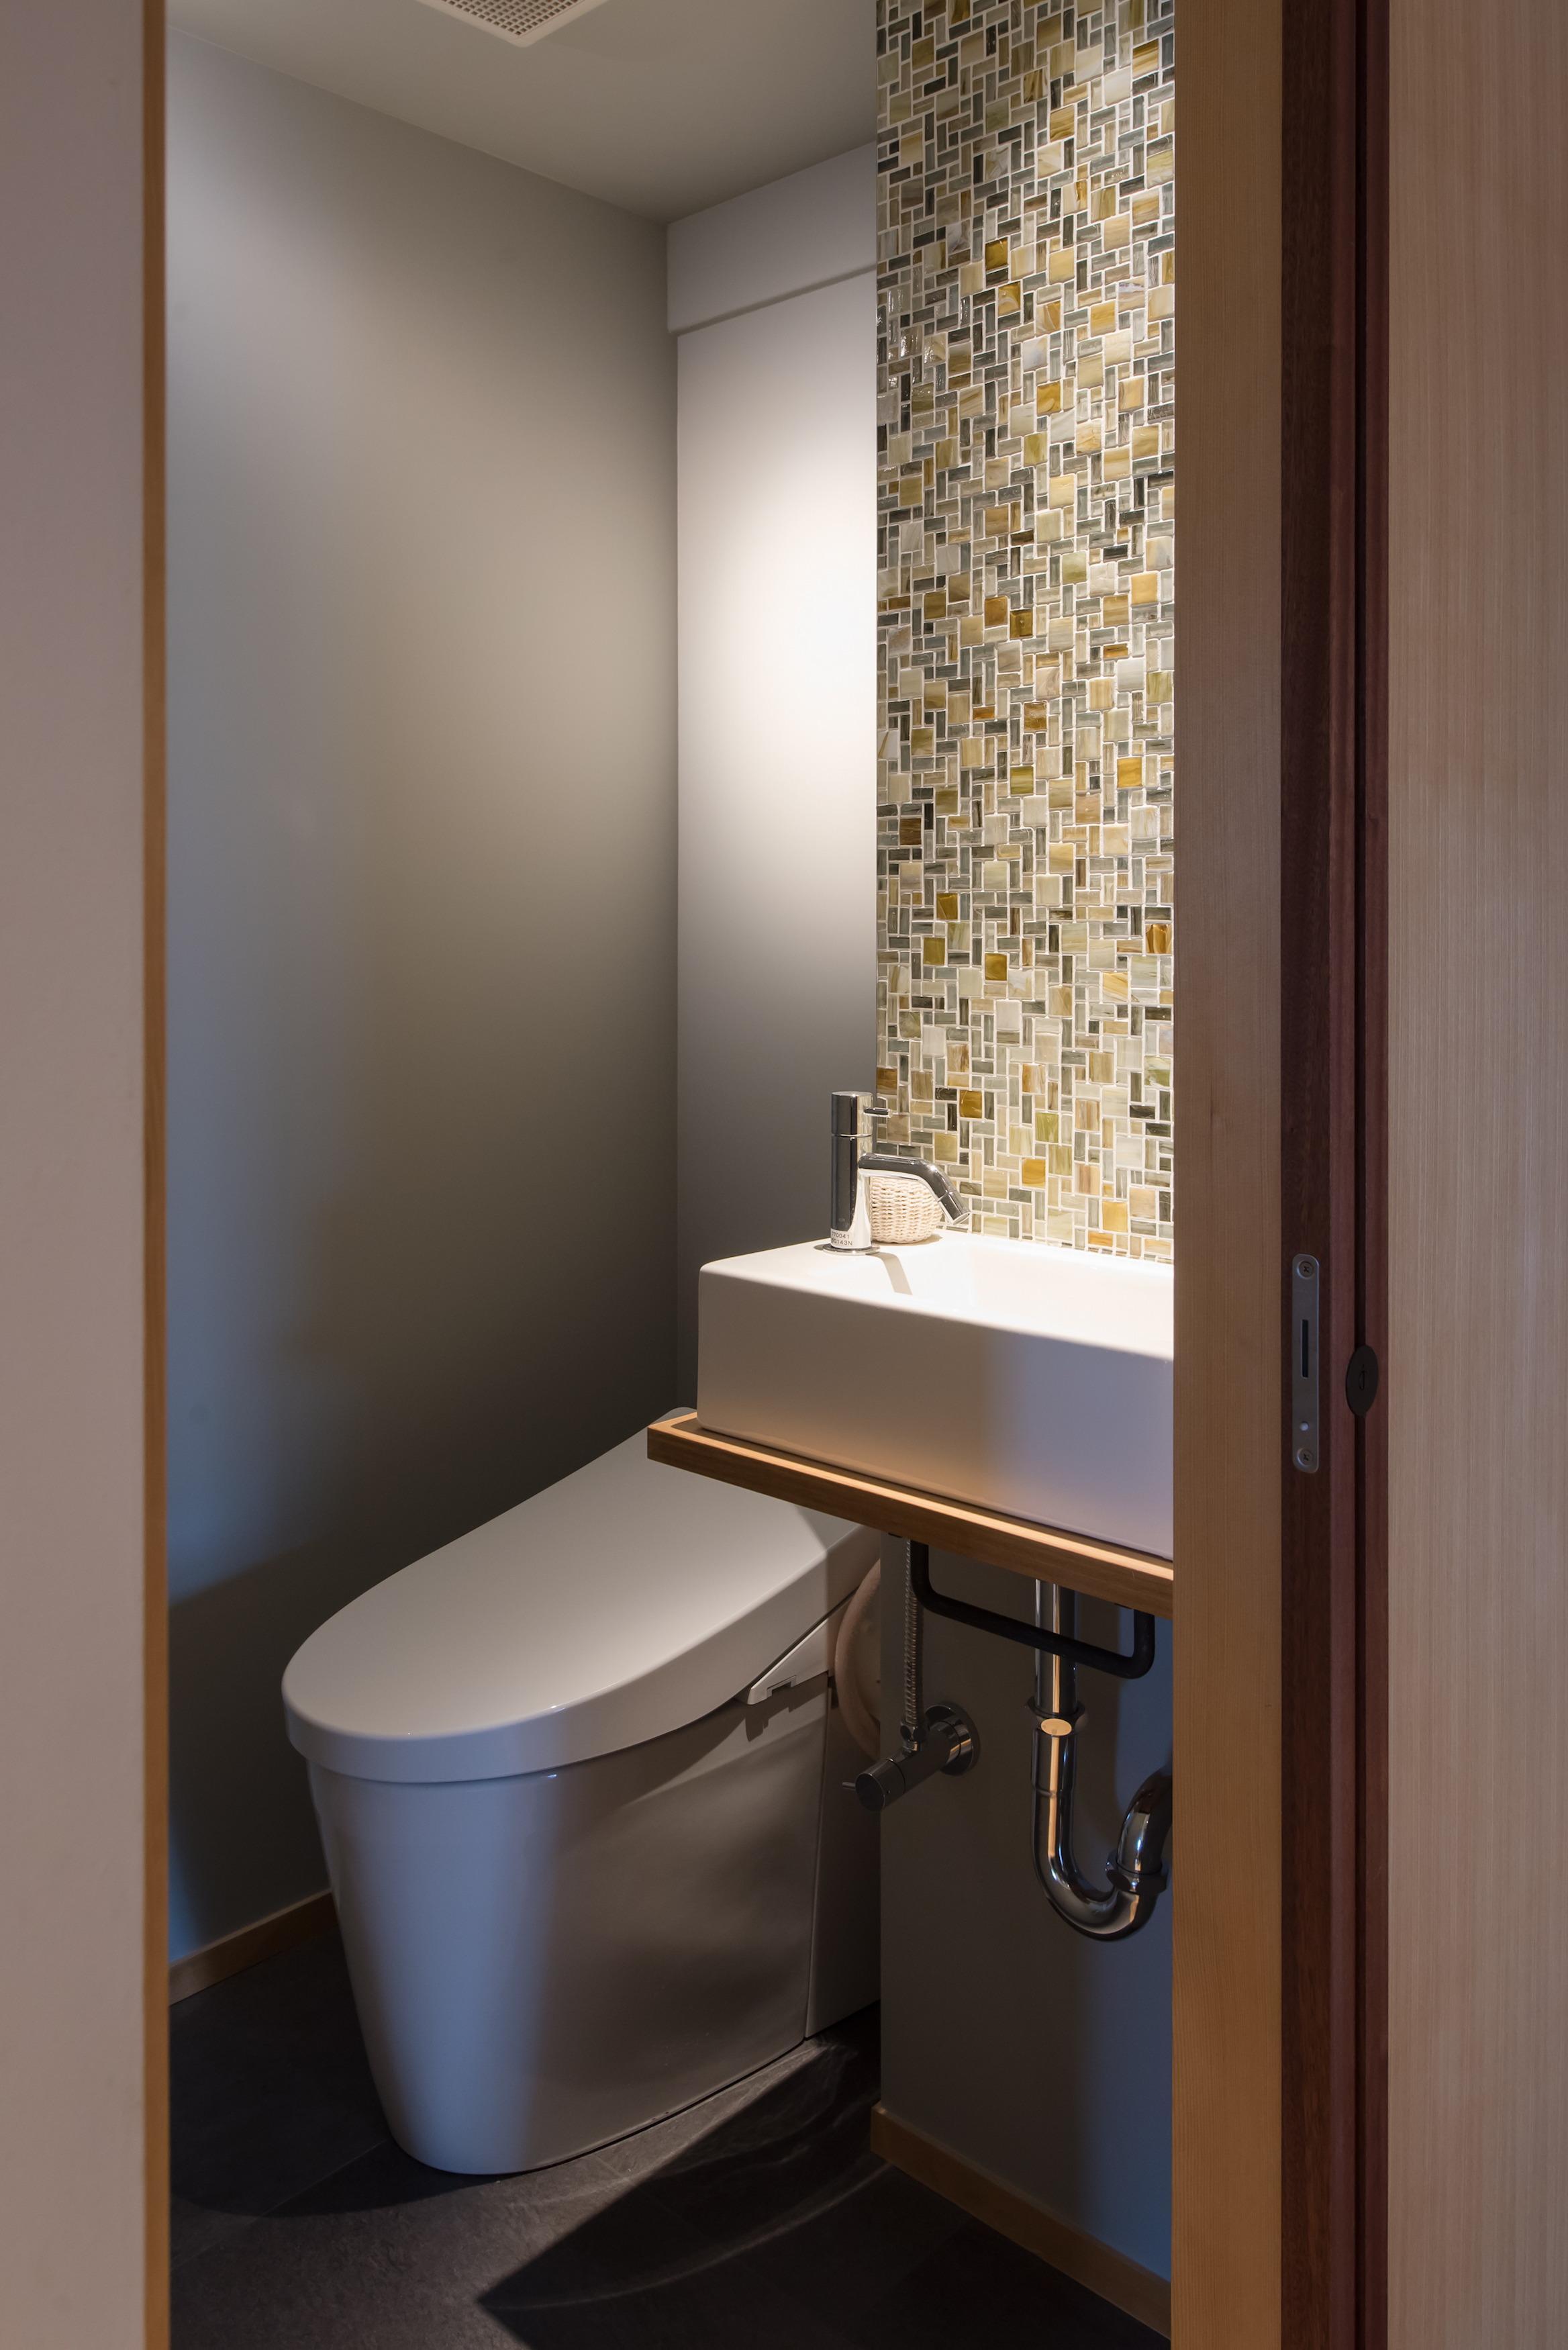 トイレ、レストルーム、リノベーション、マンションリノベーション、ハンズデザイン一級建築士事務所、タイル壁